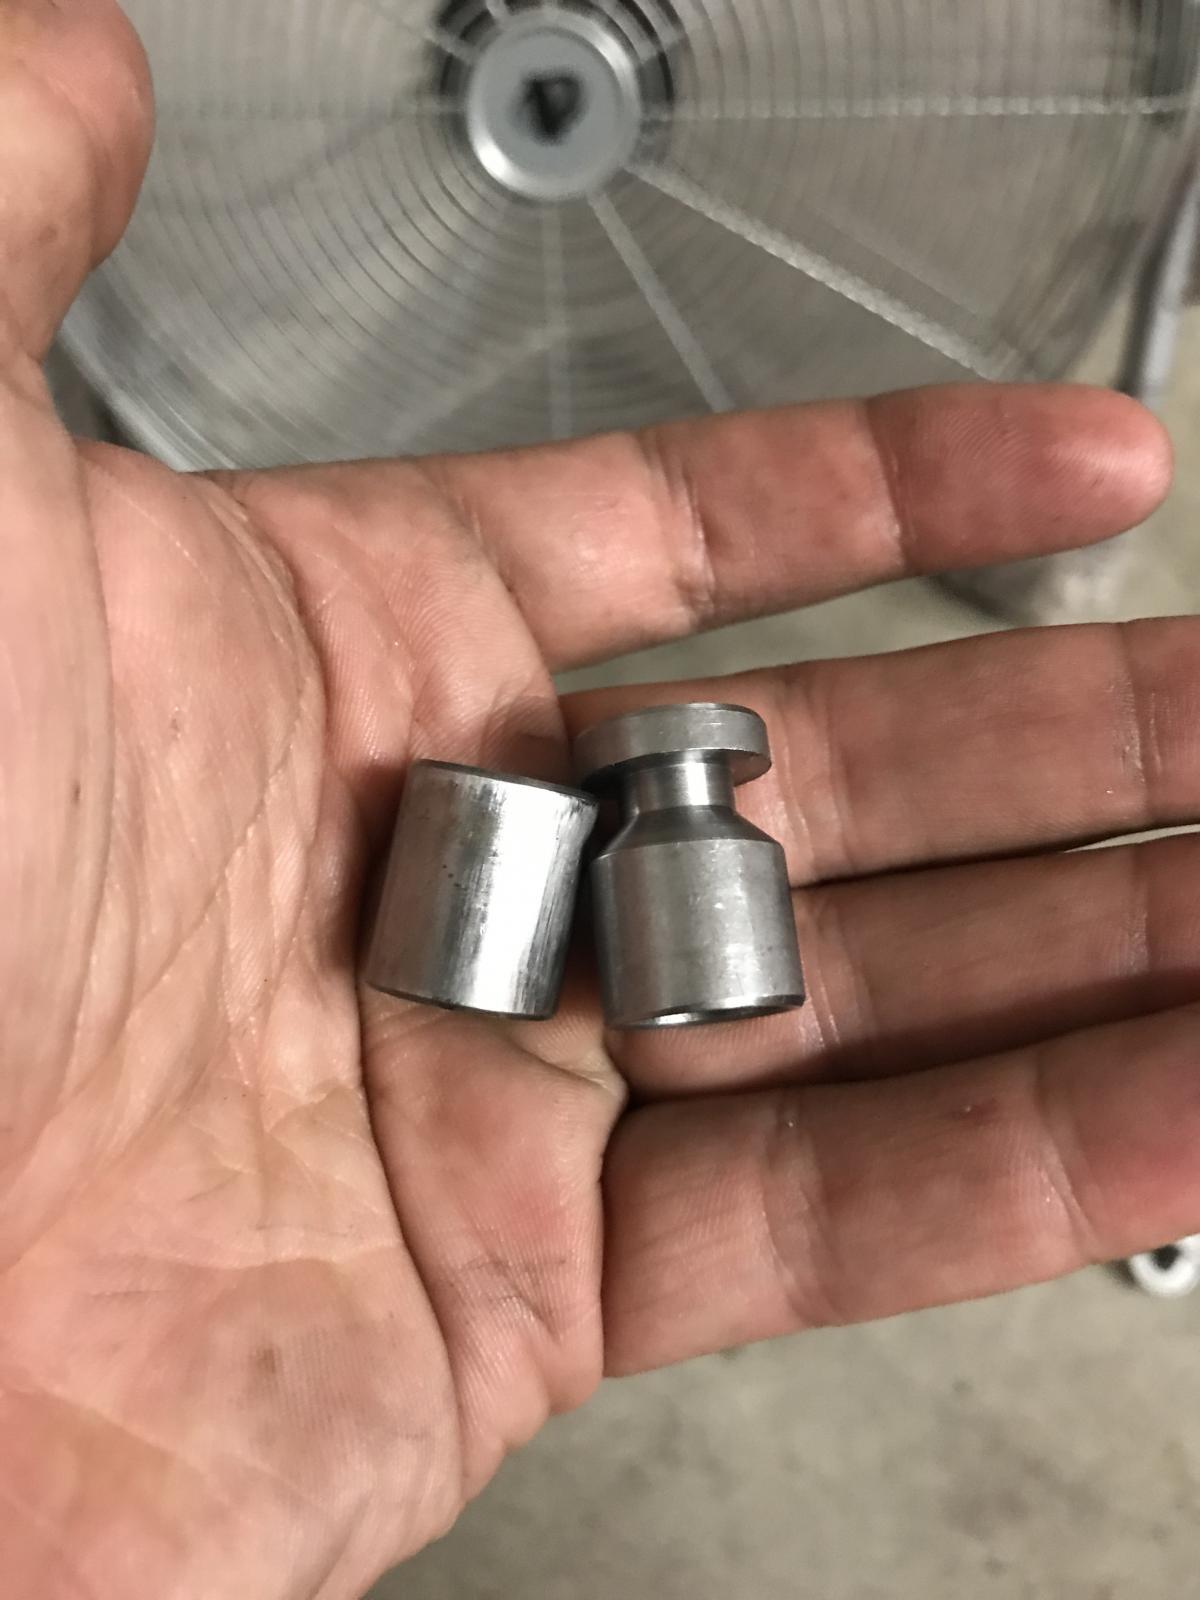 Which valve